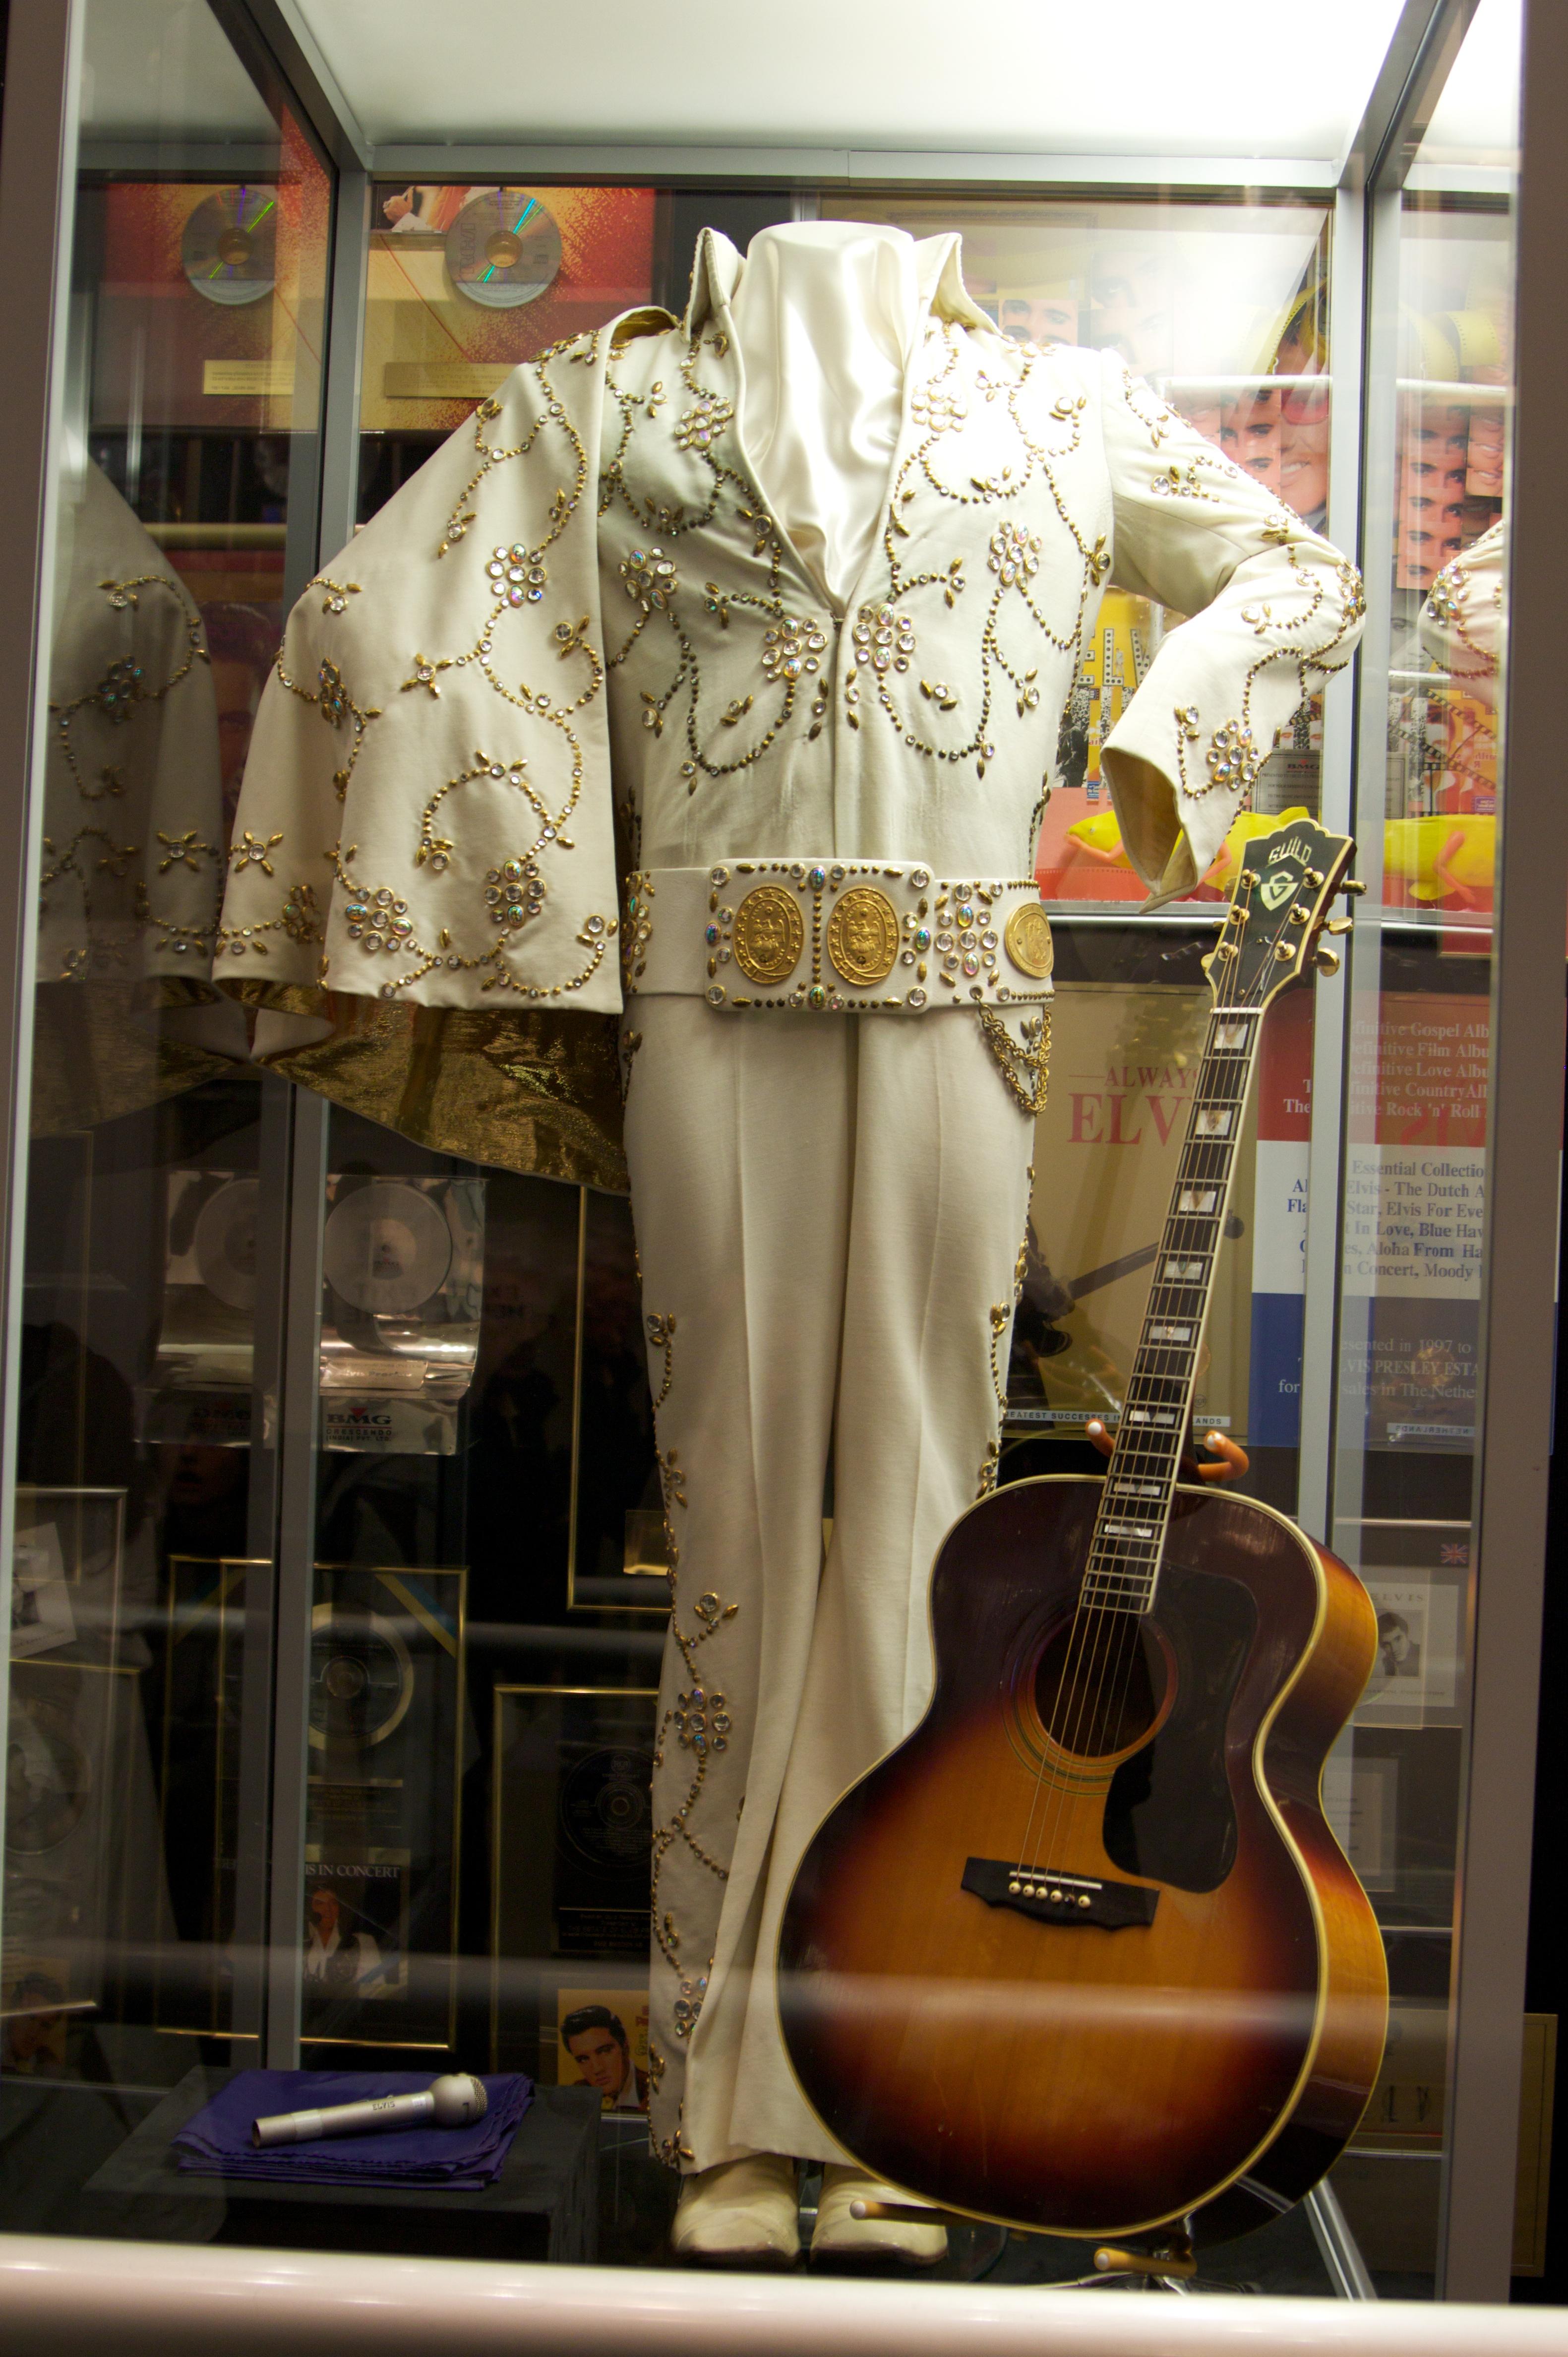 El traje característico de Elvis en sus presentaciones en vivo, junto a una de sus guitarras, en una exhibición en Graceland.